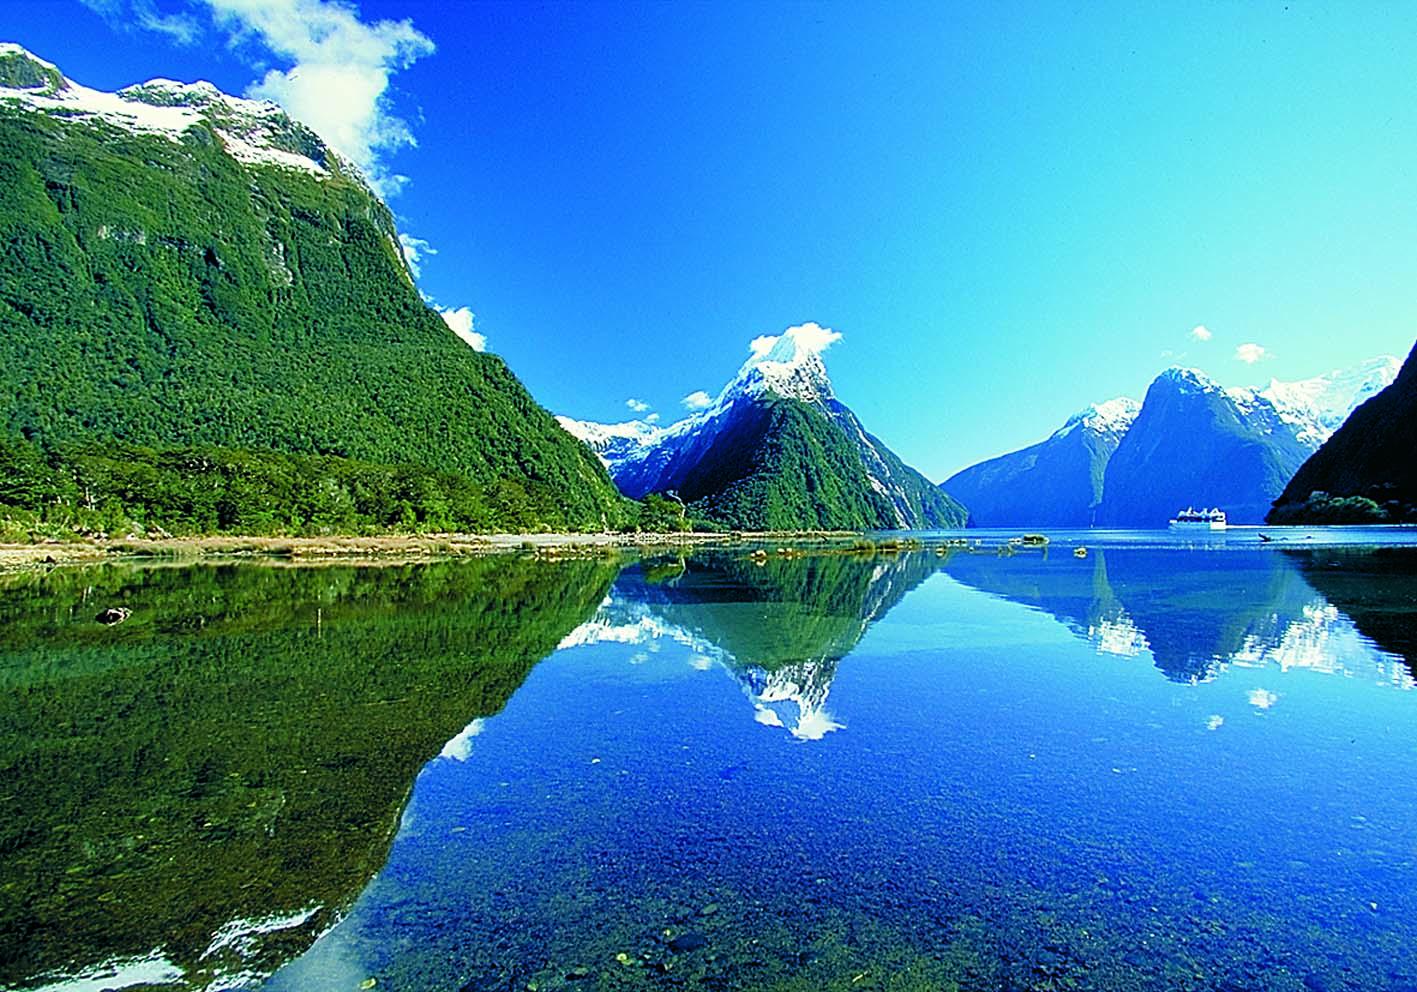 New Zealand S South Island An Adventure Destination